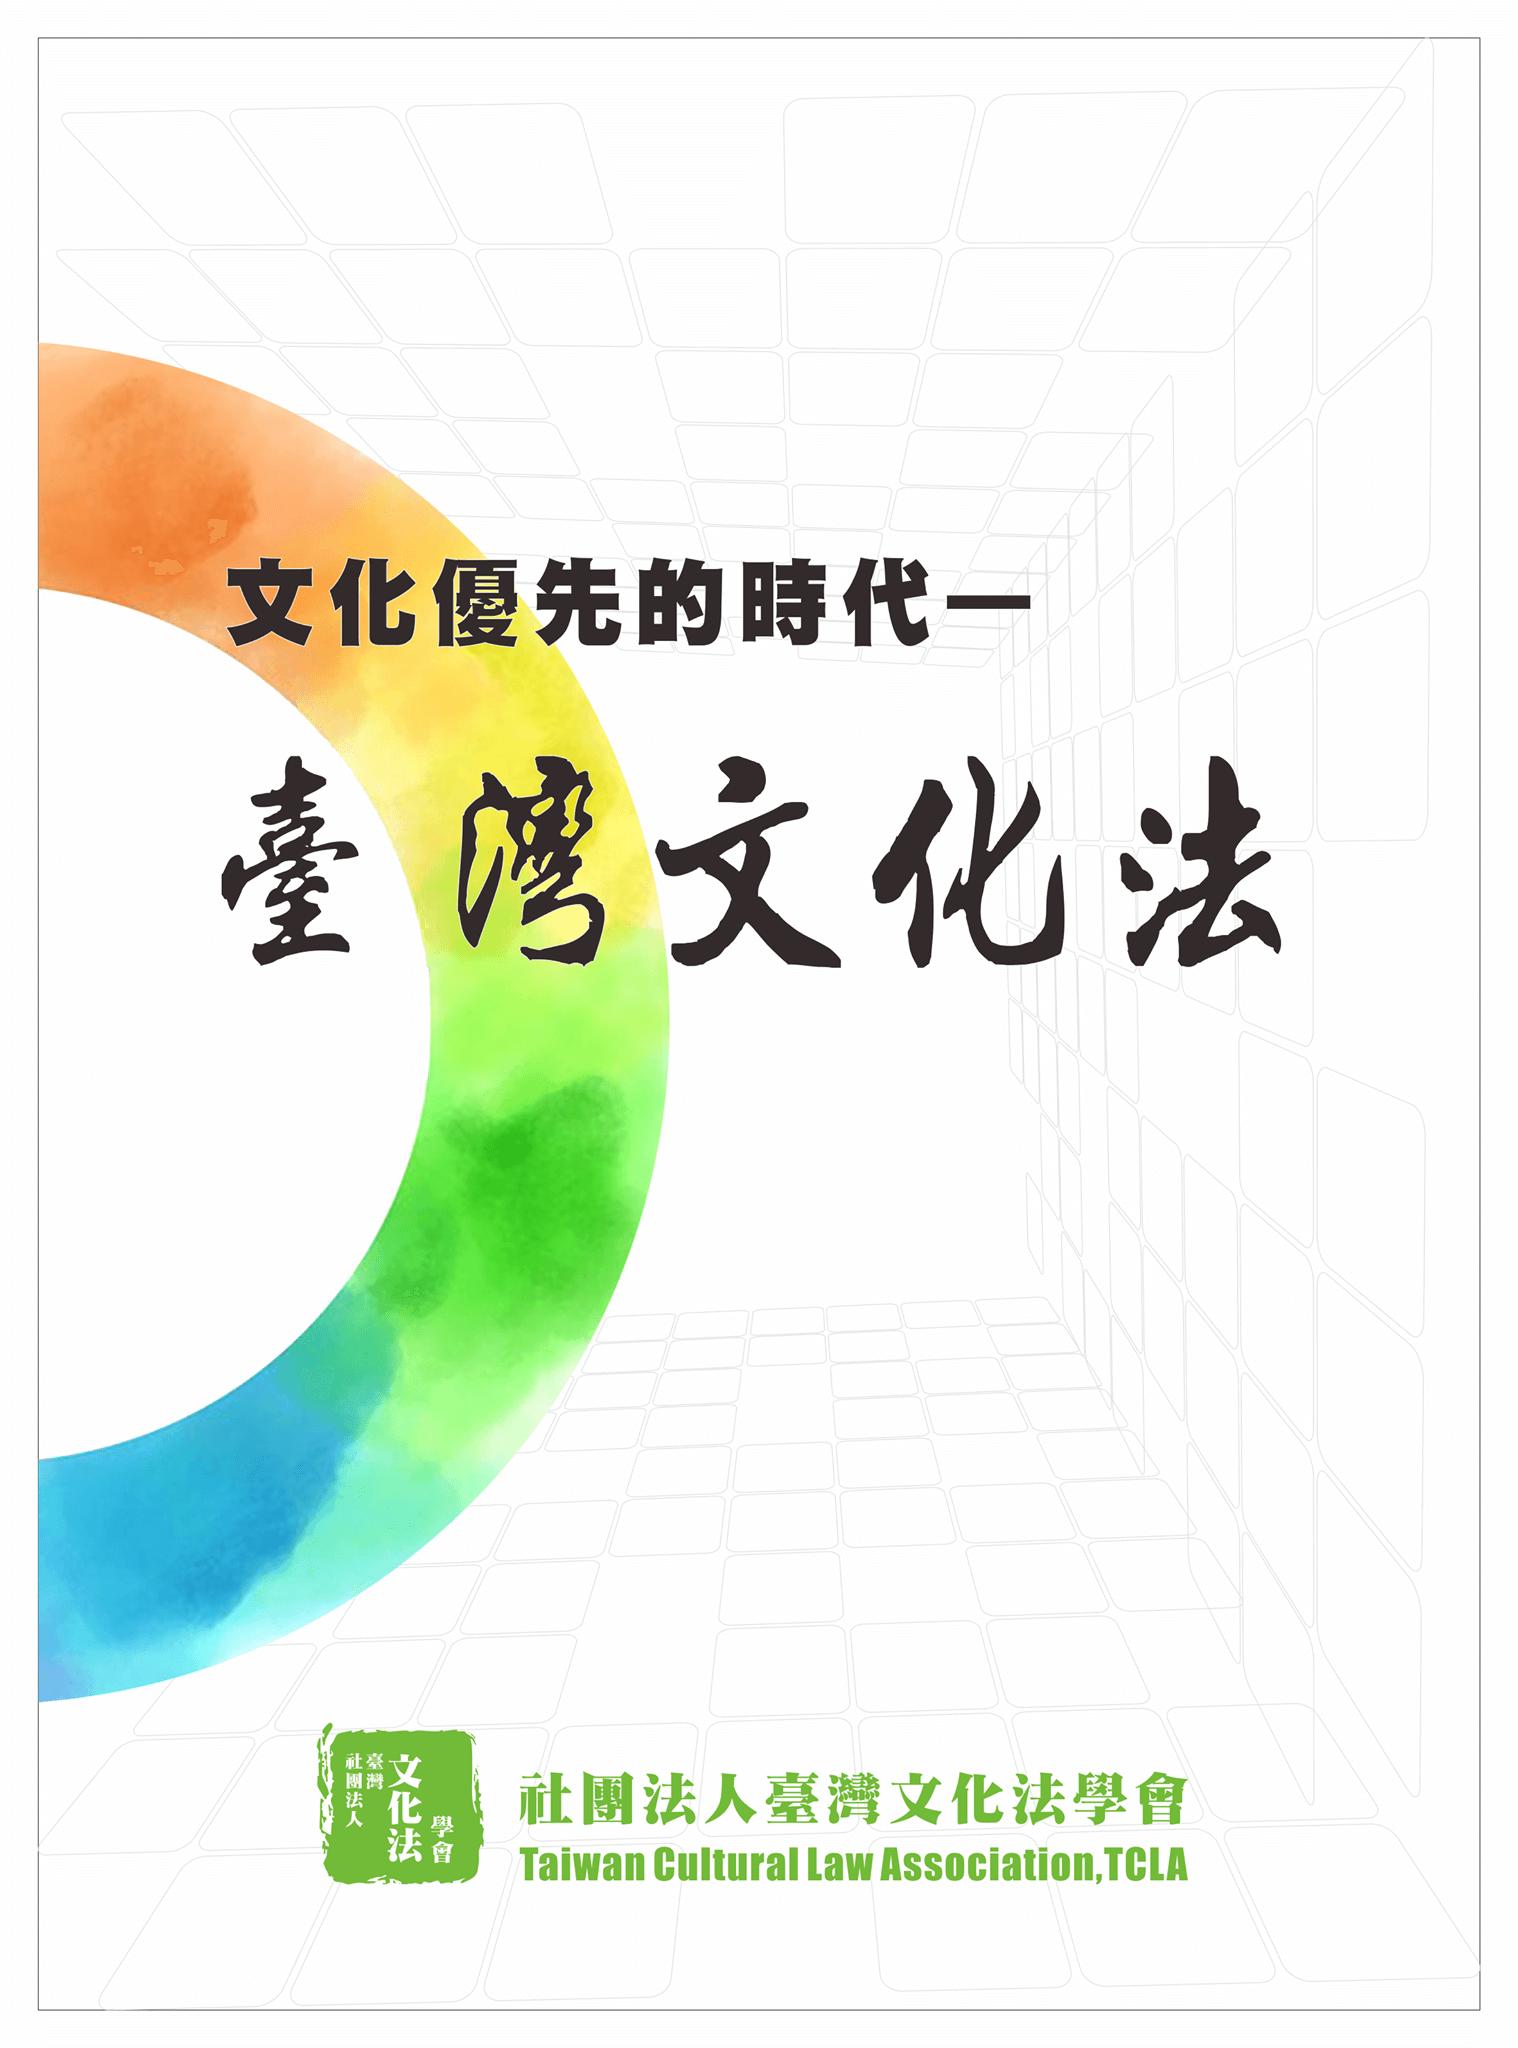 臺灣文化法